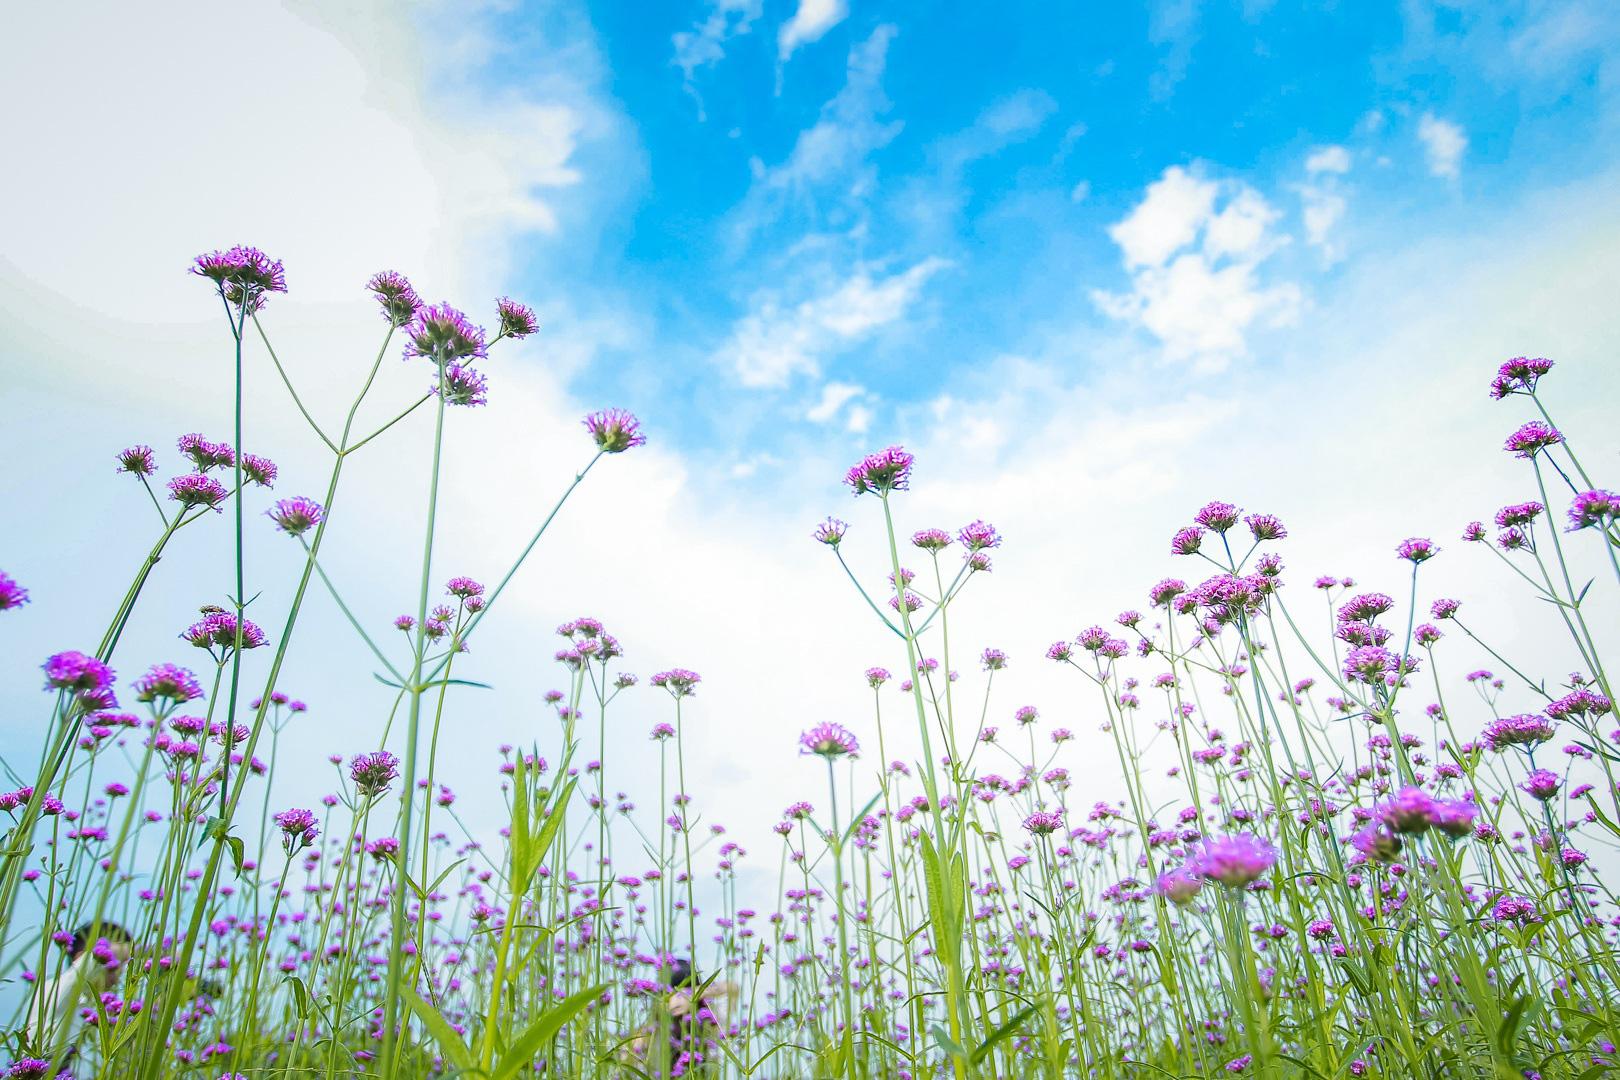 """Giới trẻ đua nhau """"check-in"""" cánh đồng oải hương thảo đẹp như trời Tây - Ảnh 7."""